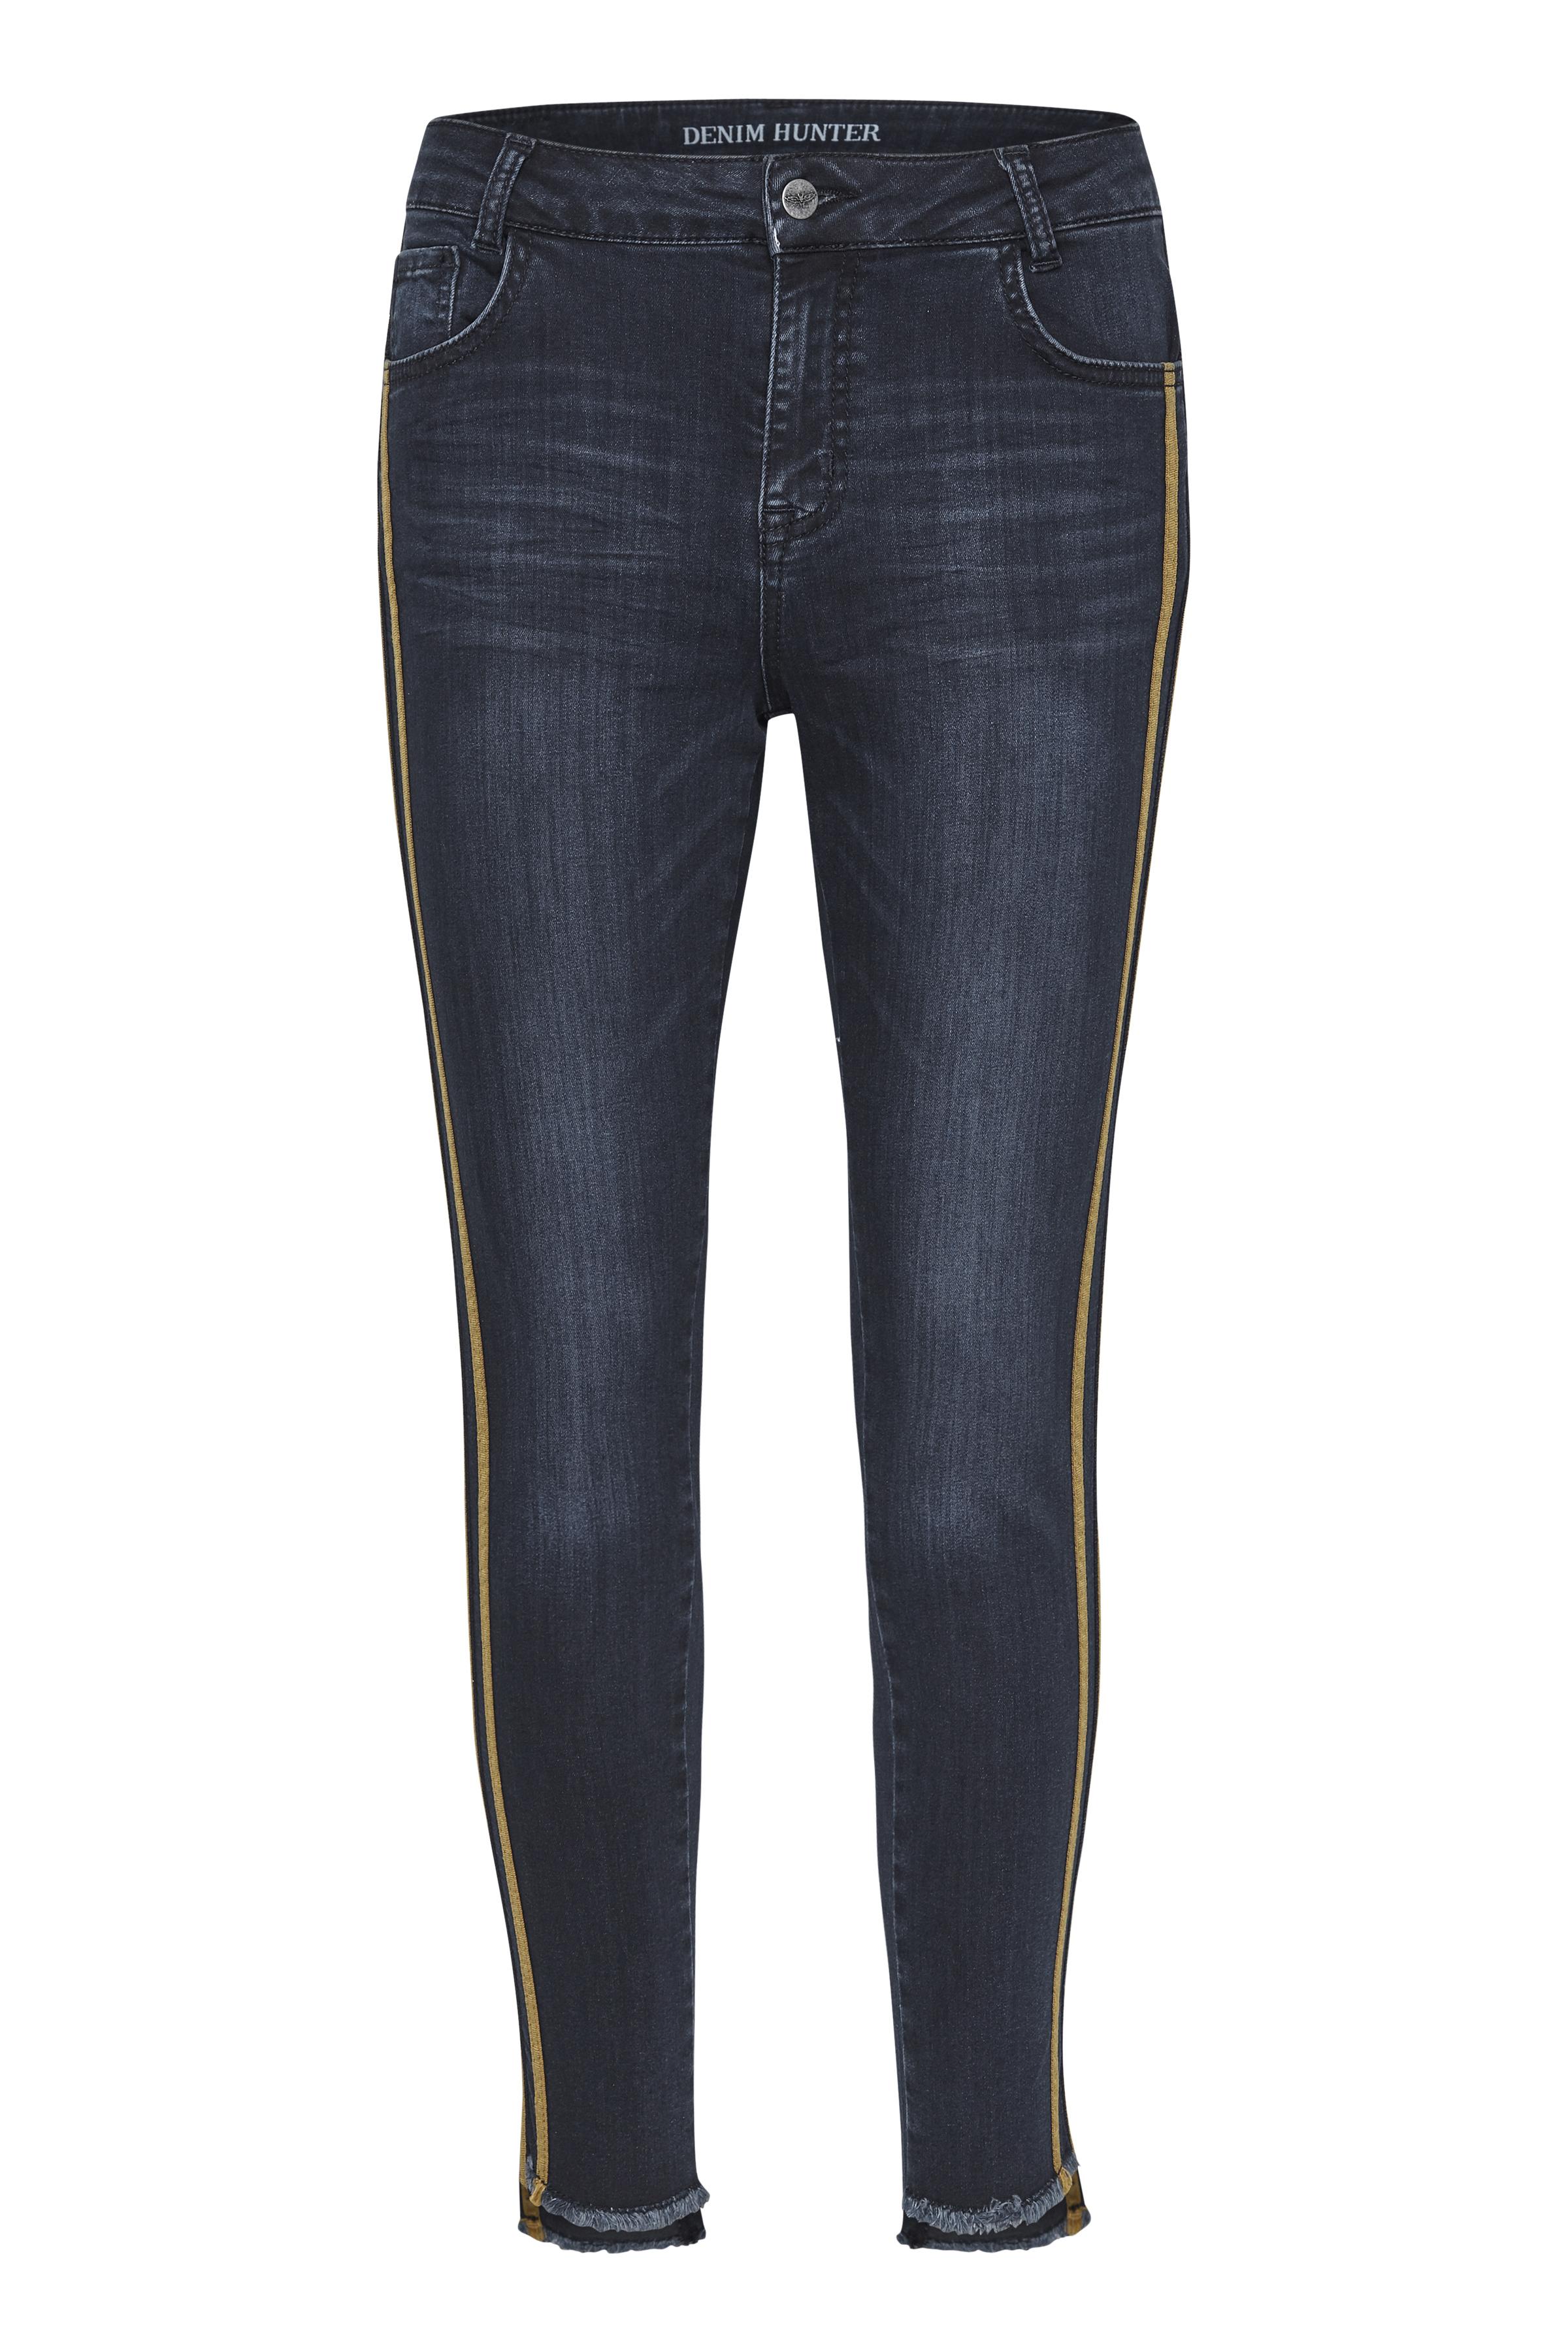 Mørk denimblå Jeans fra Denim Hunter – Køb Mørk denimblå Jeans fra str. 25-35 her